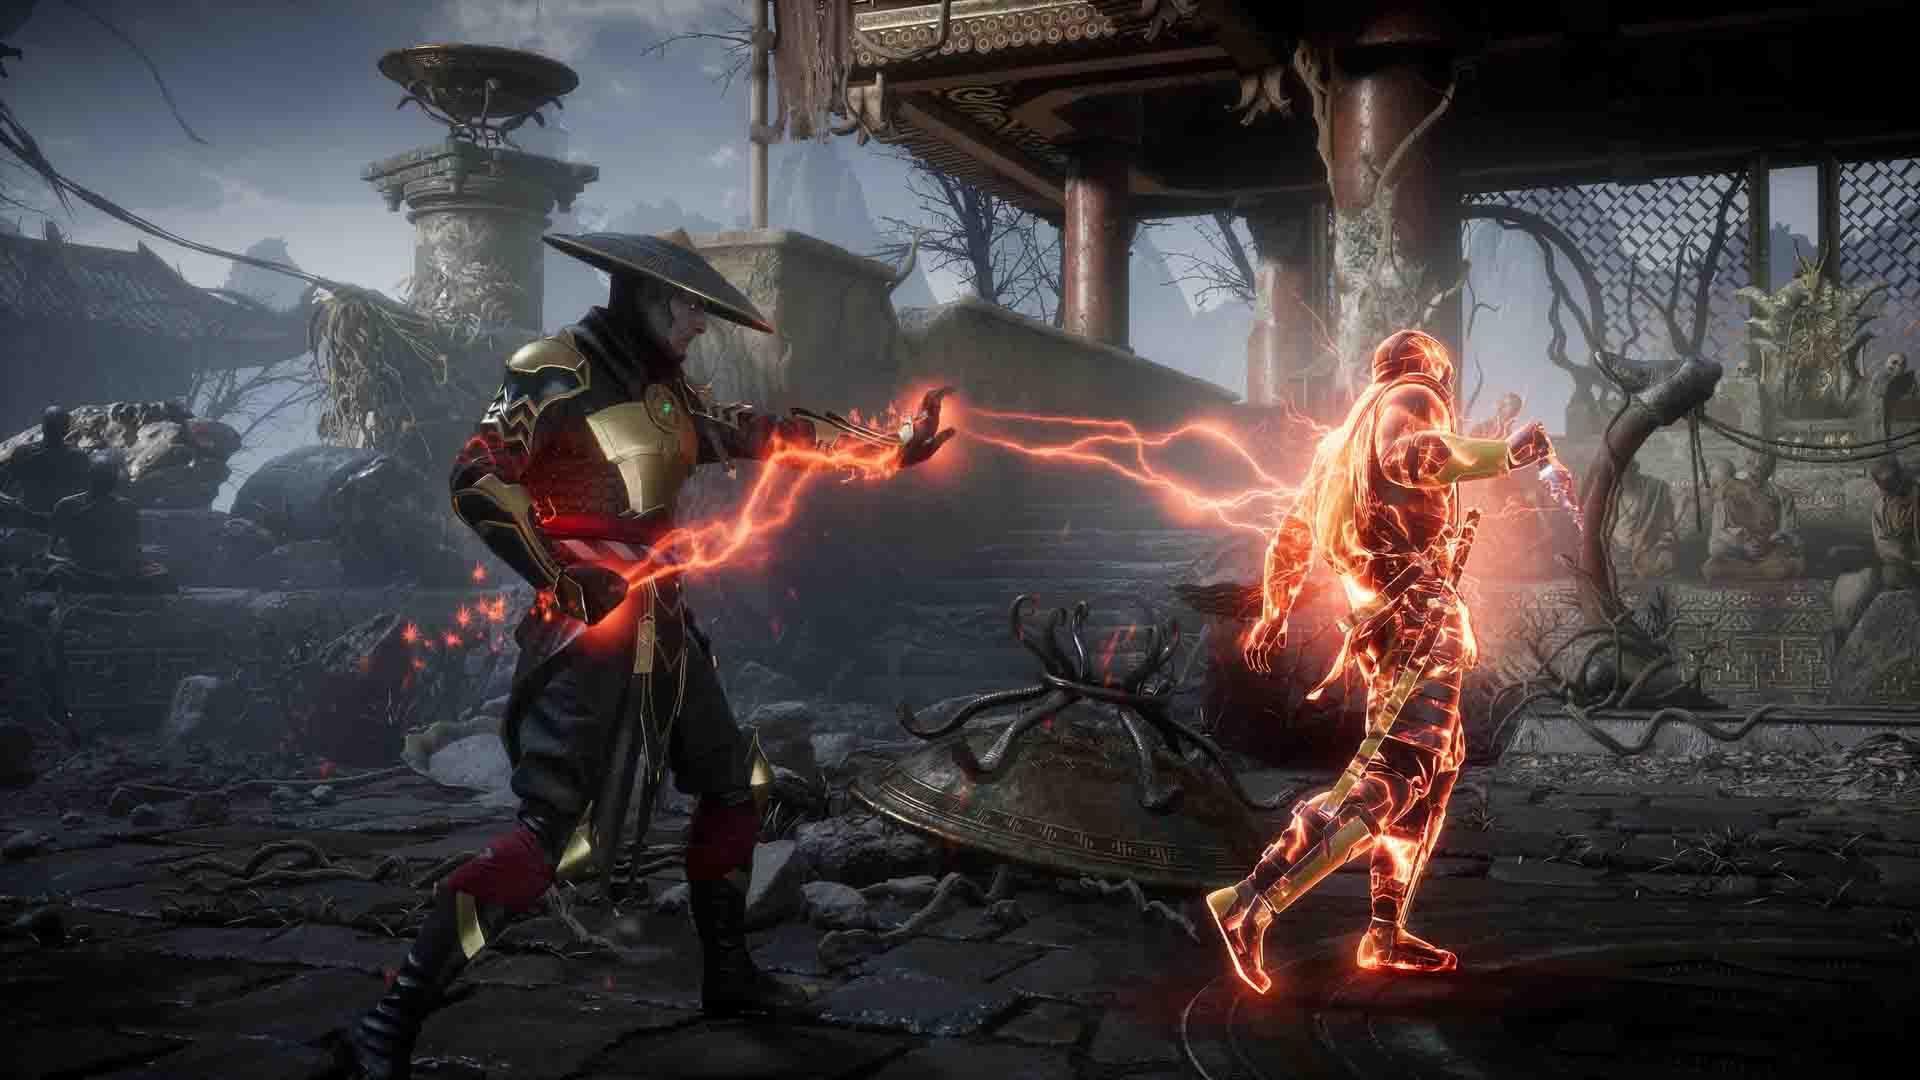 Mortal Kombat và 5 game đối kháng độc đáo